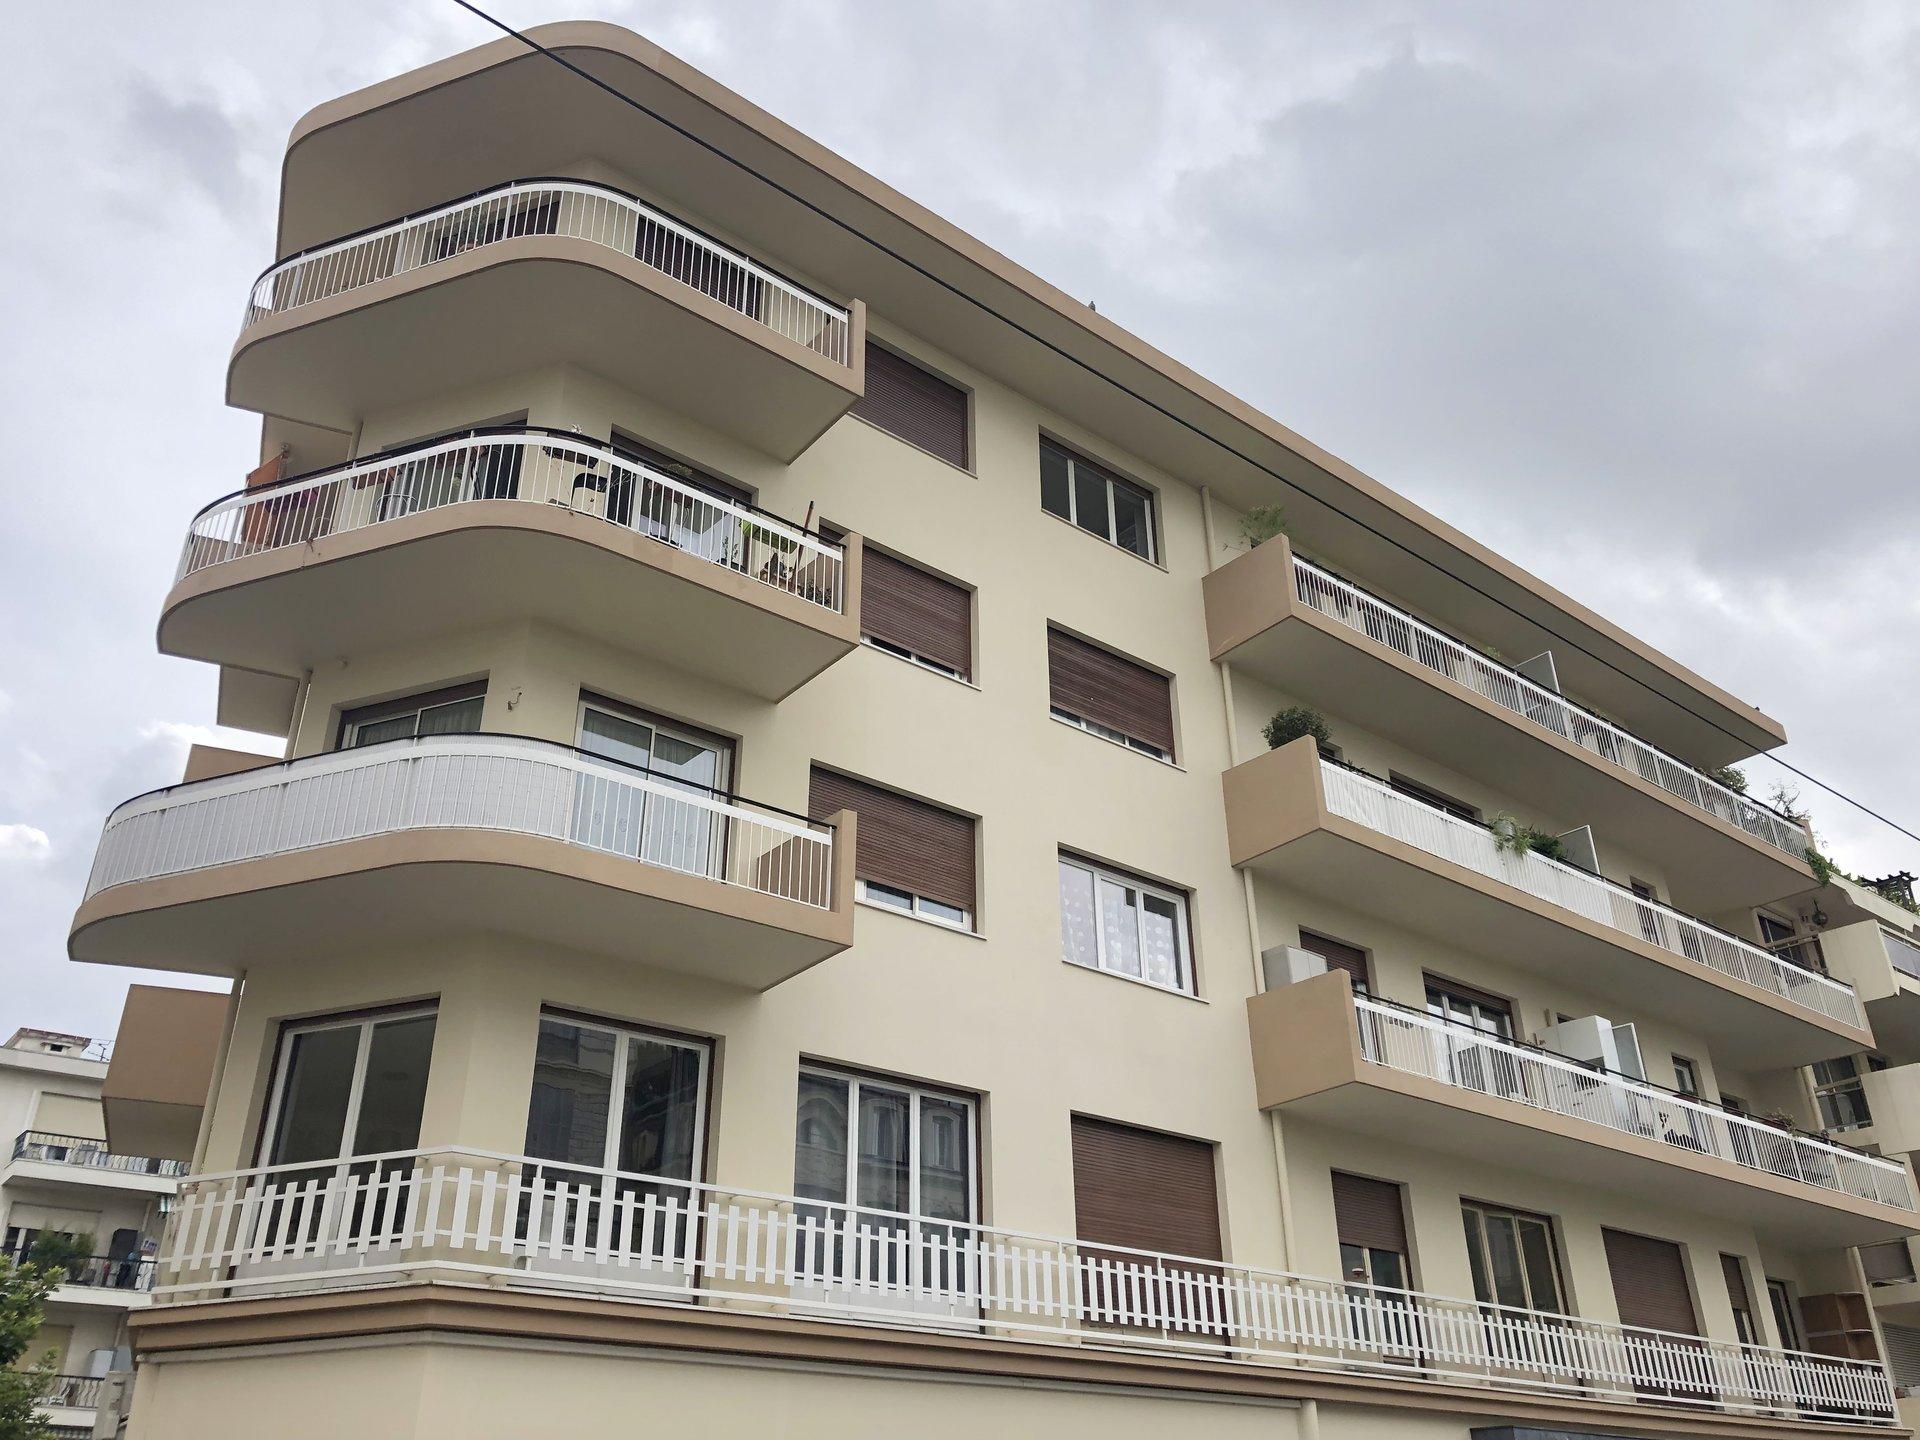 Location Nice 2 pièces 39.64m² situé rue Puget